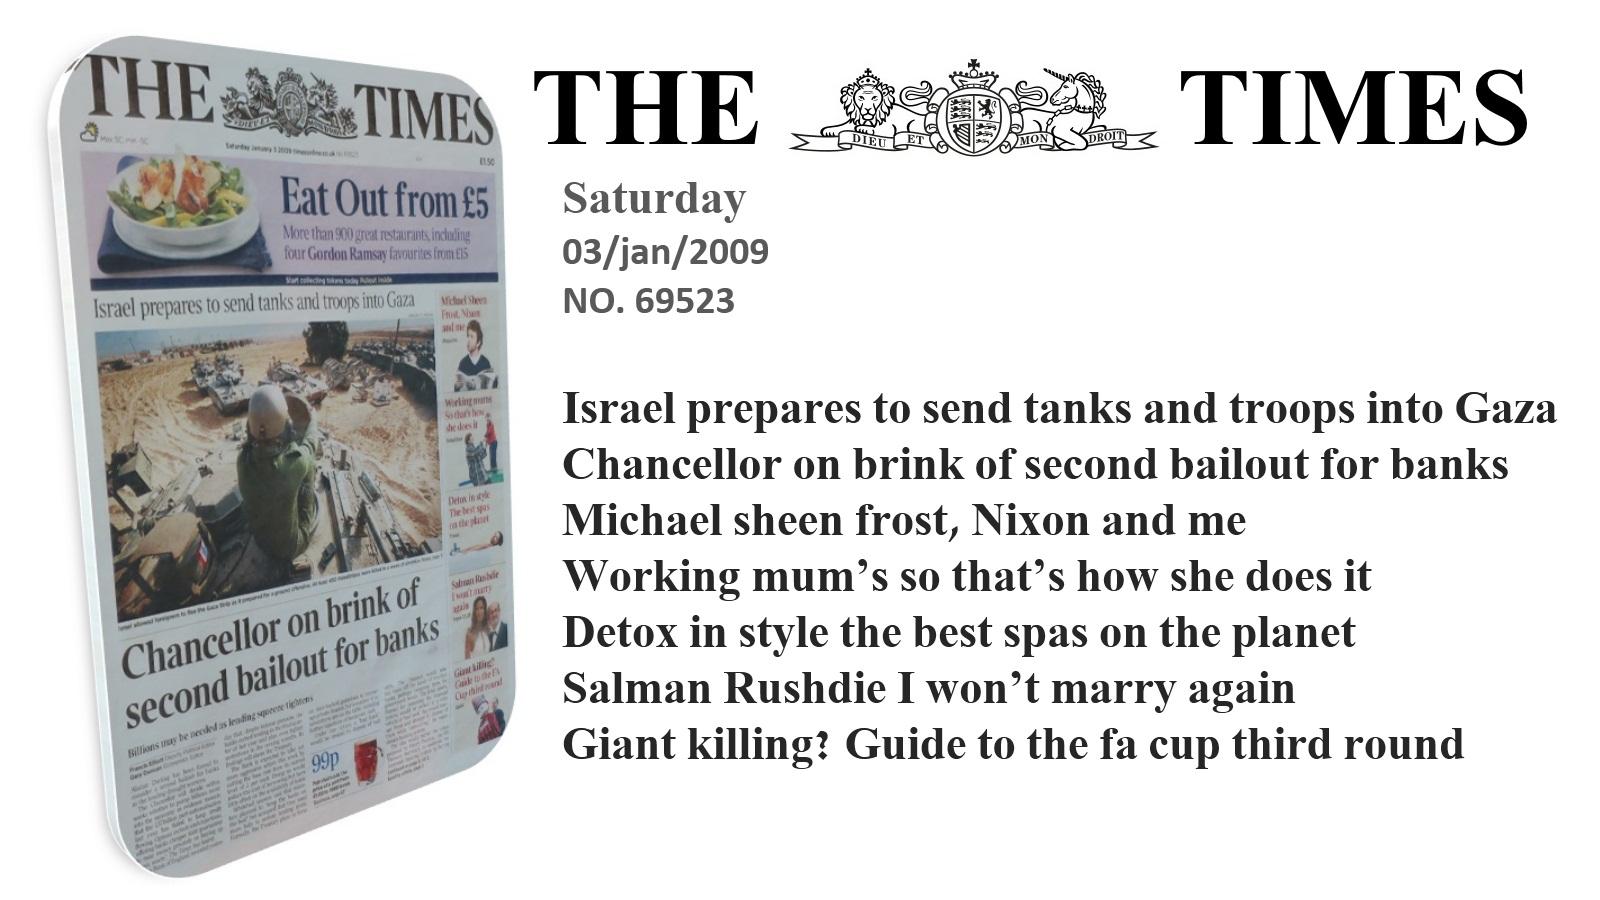 لزوم بررسی و تحلیل تمام تیترهای نشریه تایمز در مورخ ۳ ژانویه ۲۰۰۹